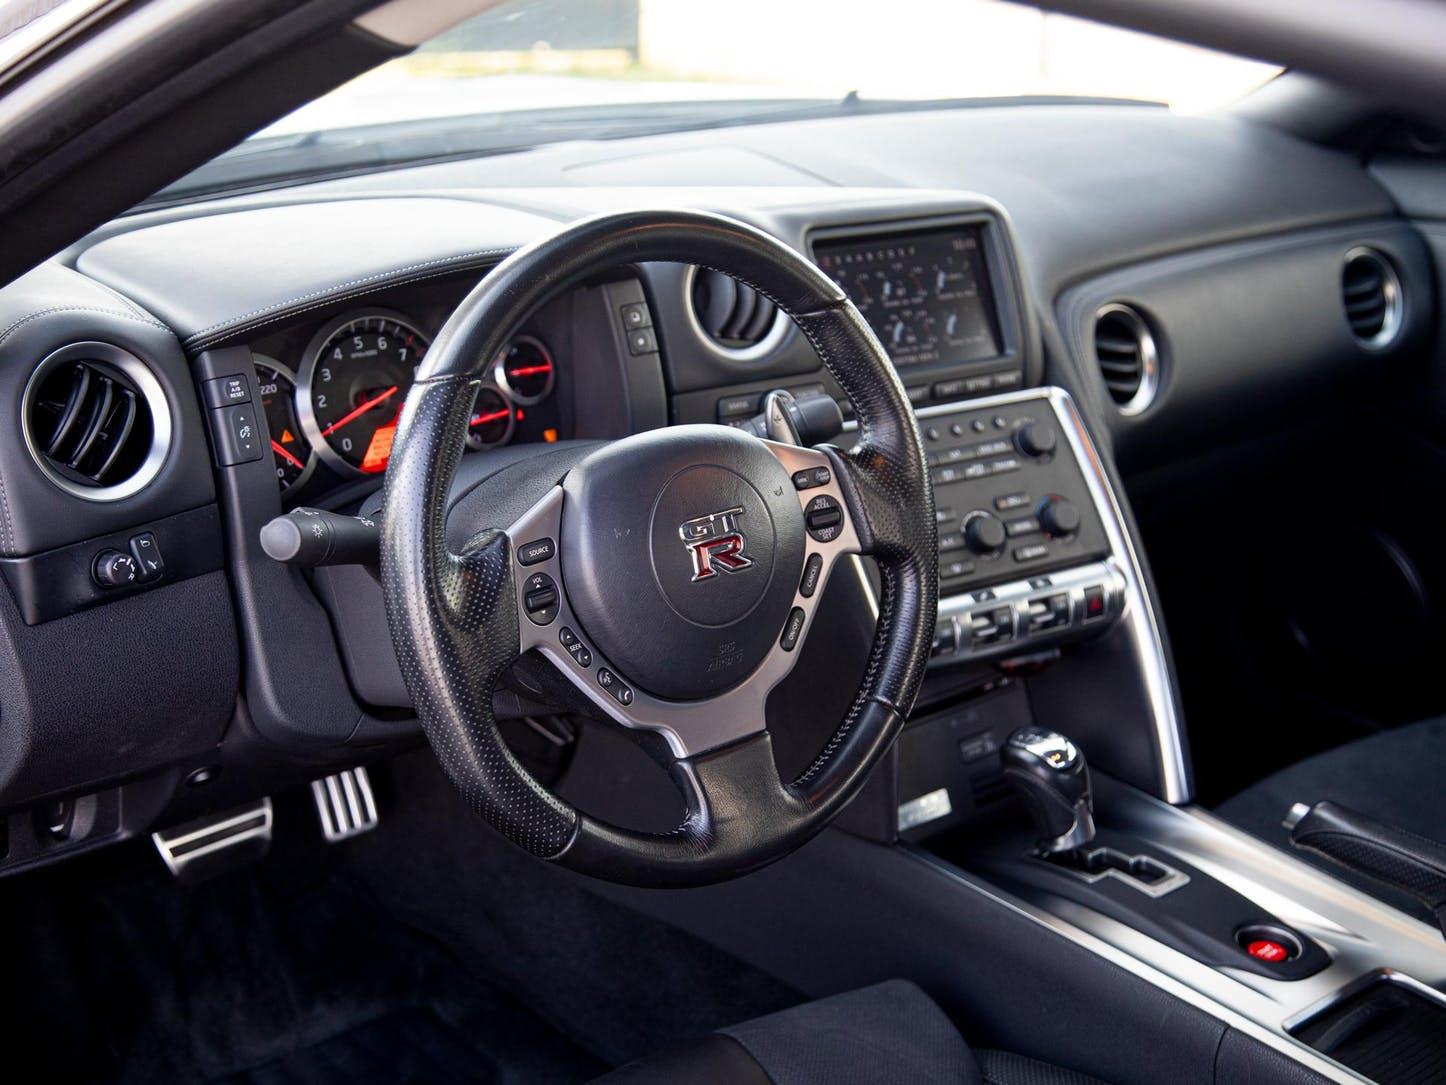 Tweedehands Nissan GT-R 2009 occasion